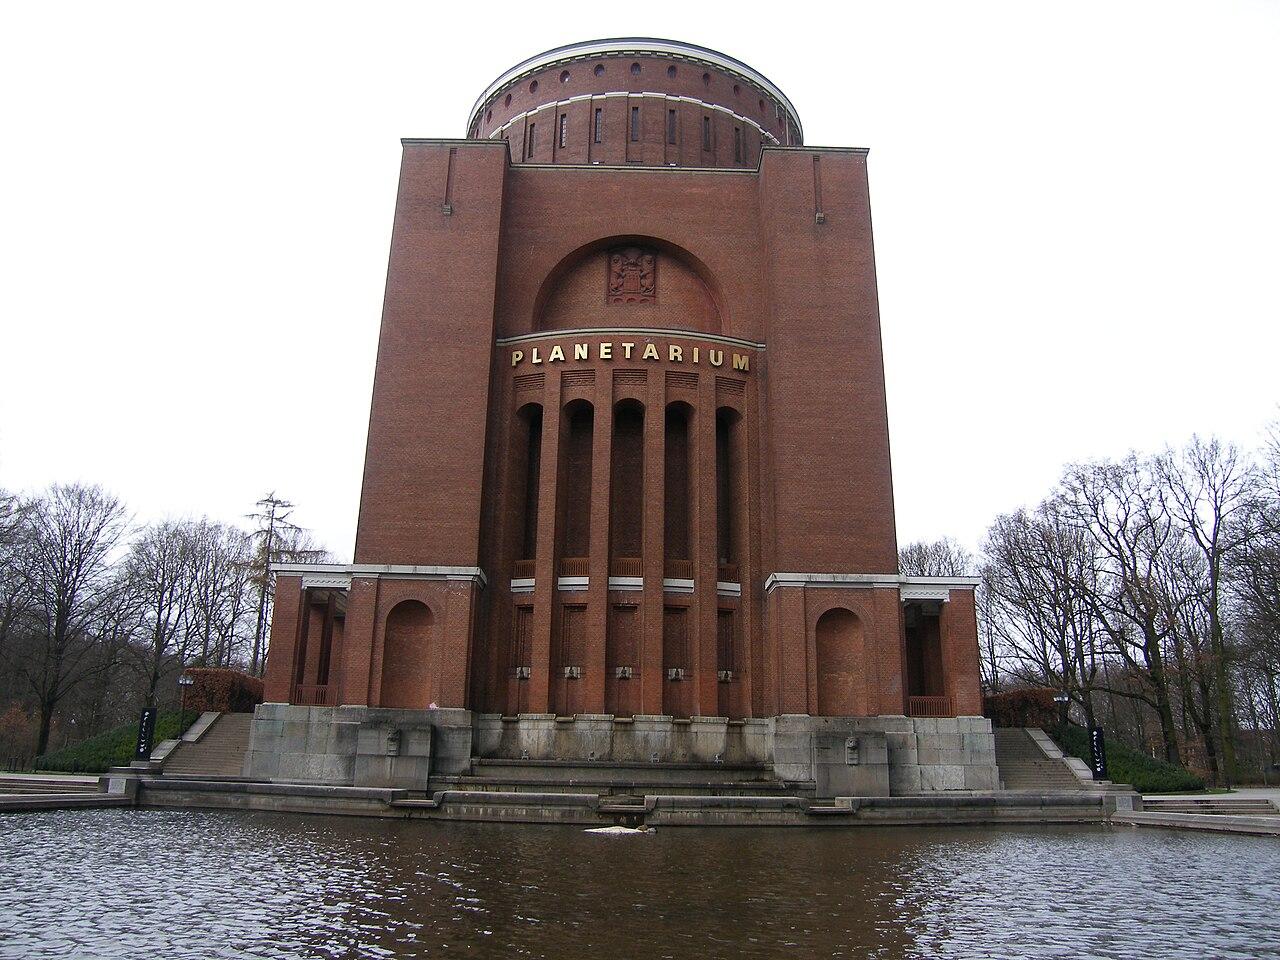 File:Planetarium Hamburg 2009-03-24 (1).jpg - Wikimedia Commons